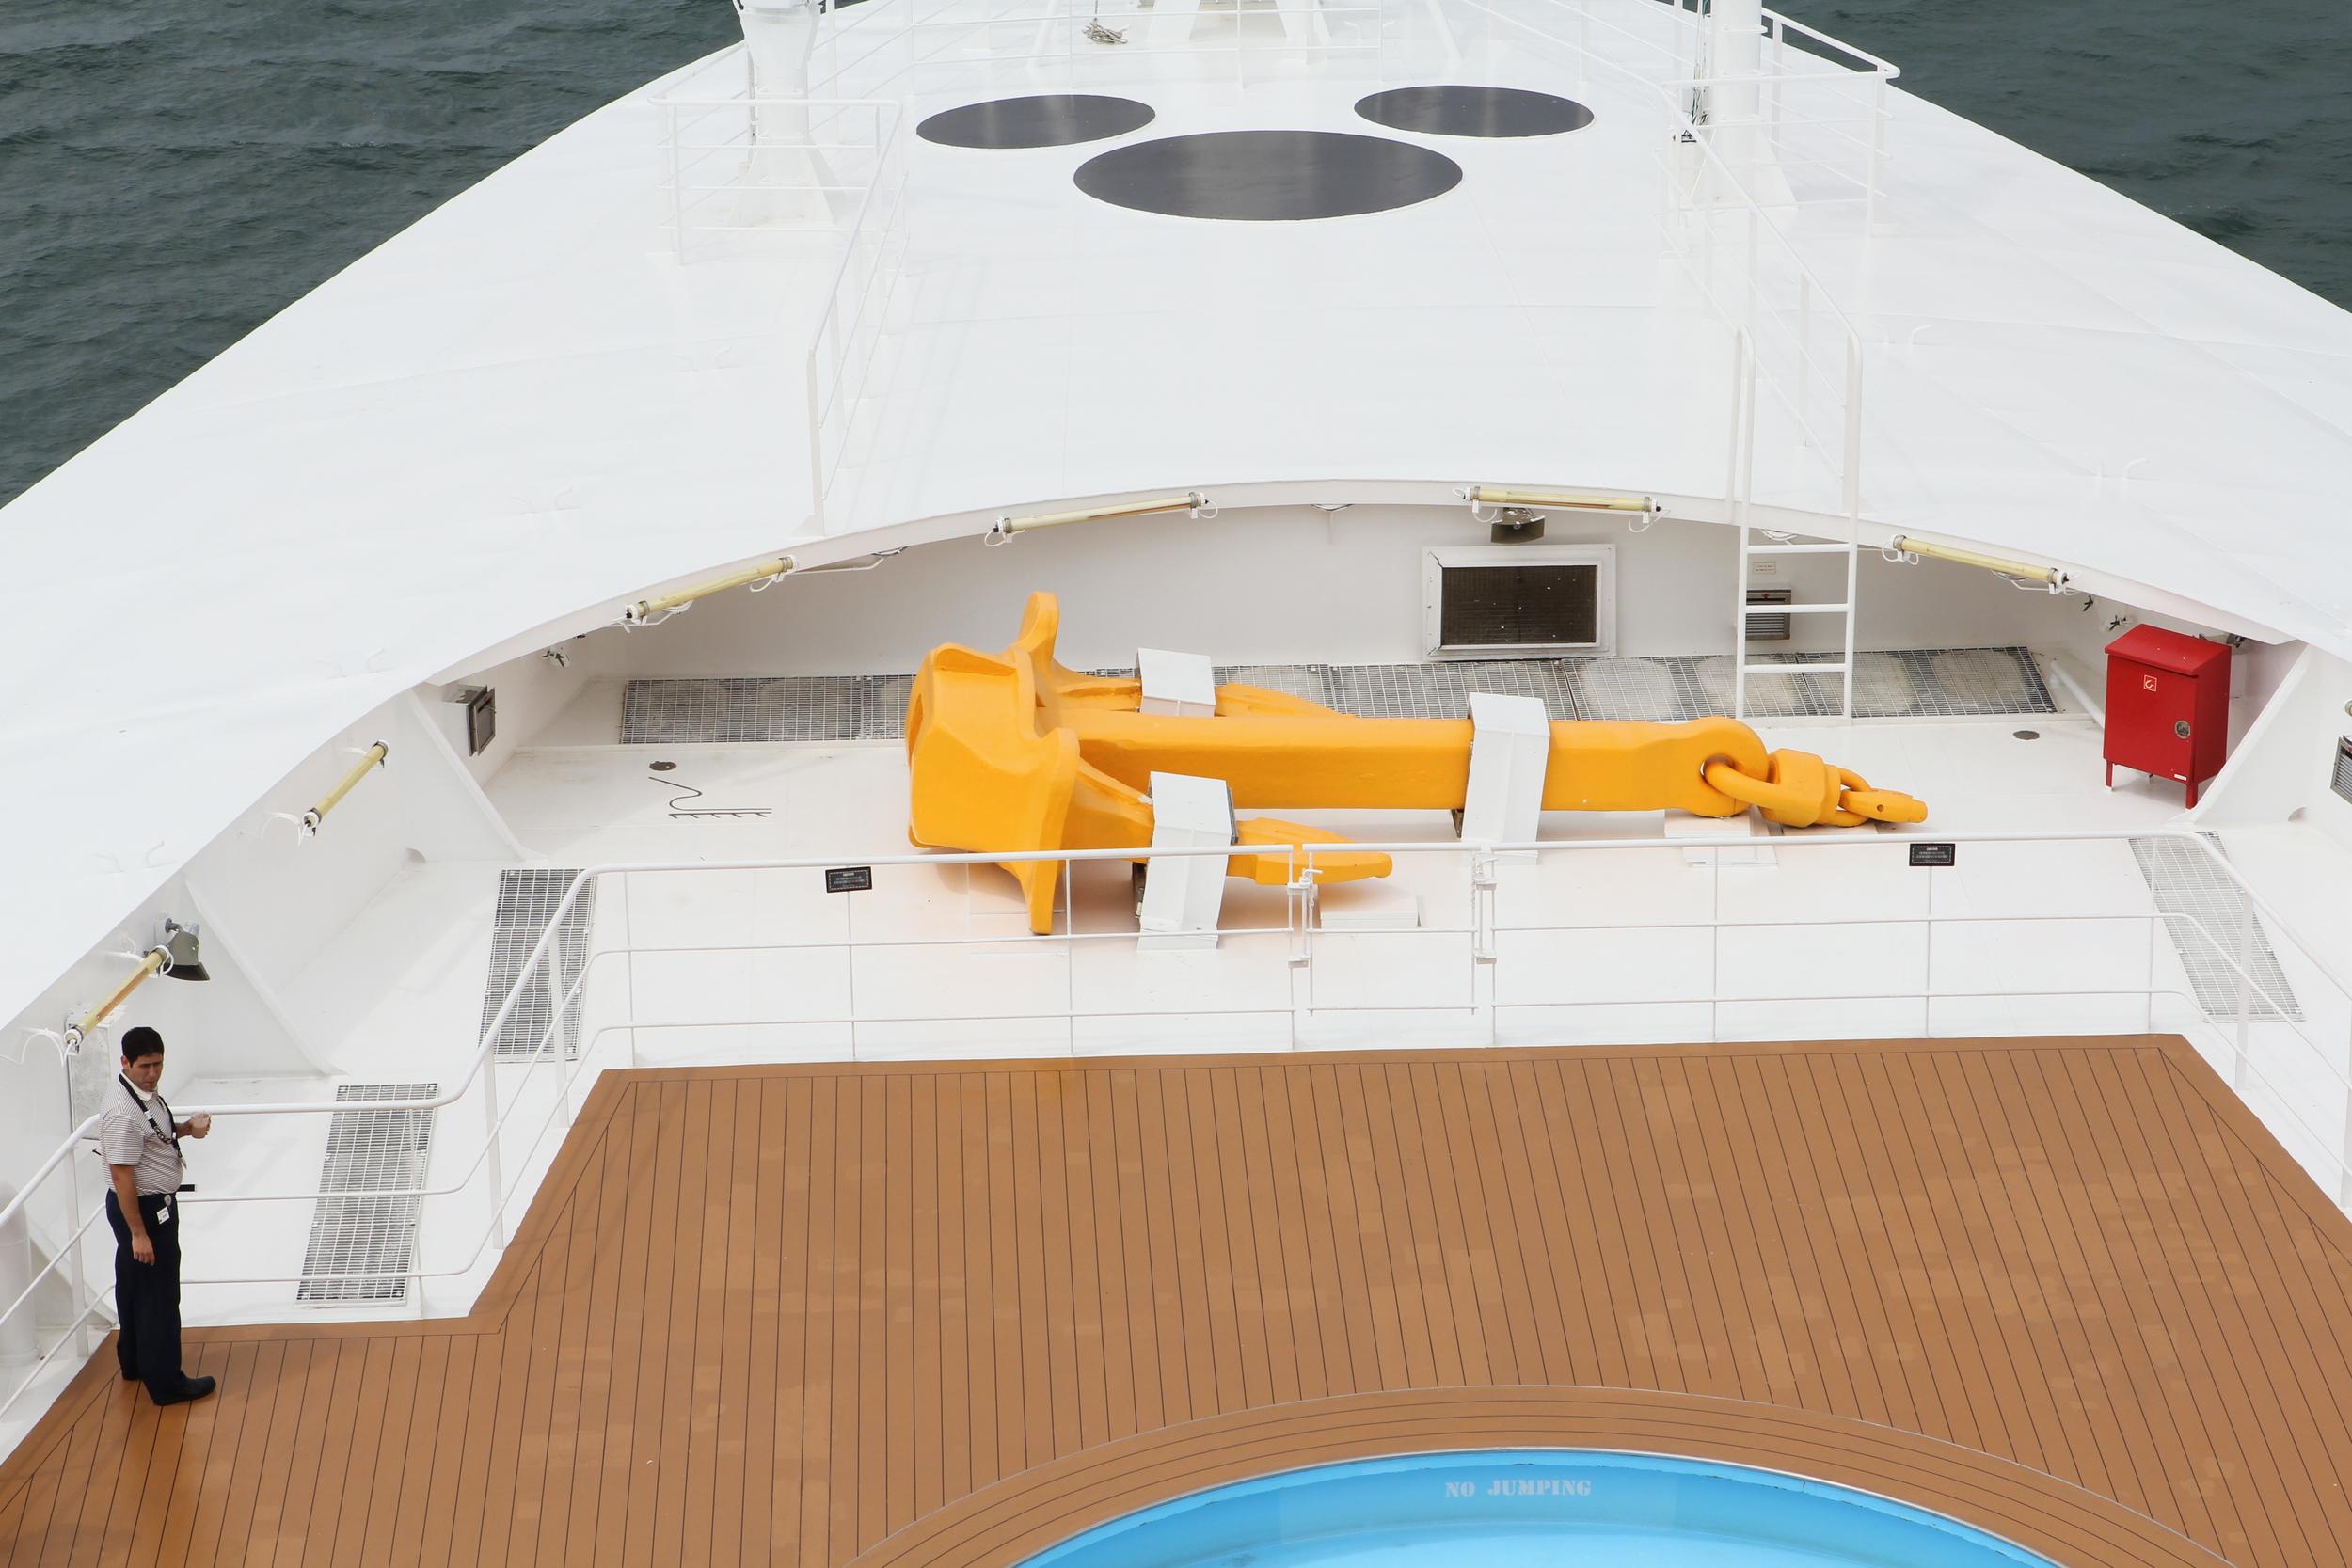 The spare anchor